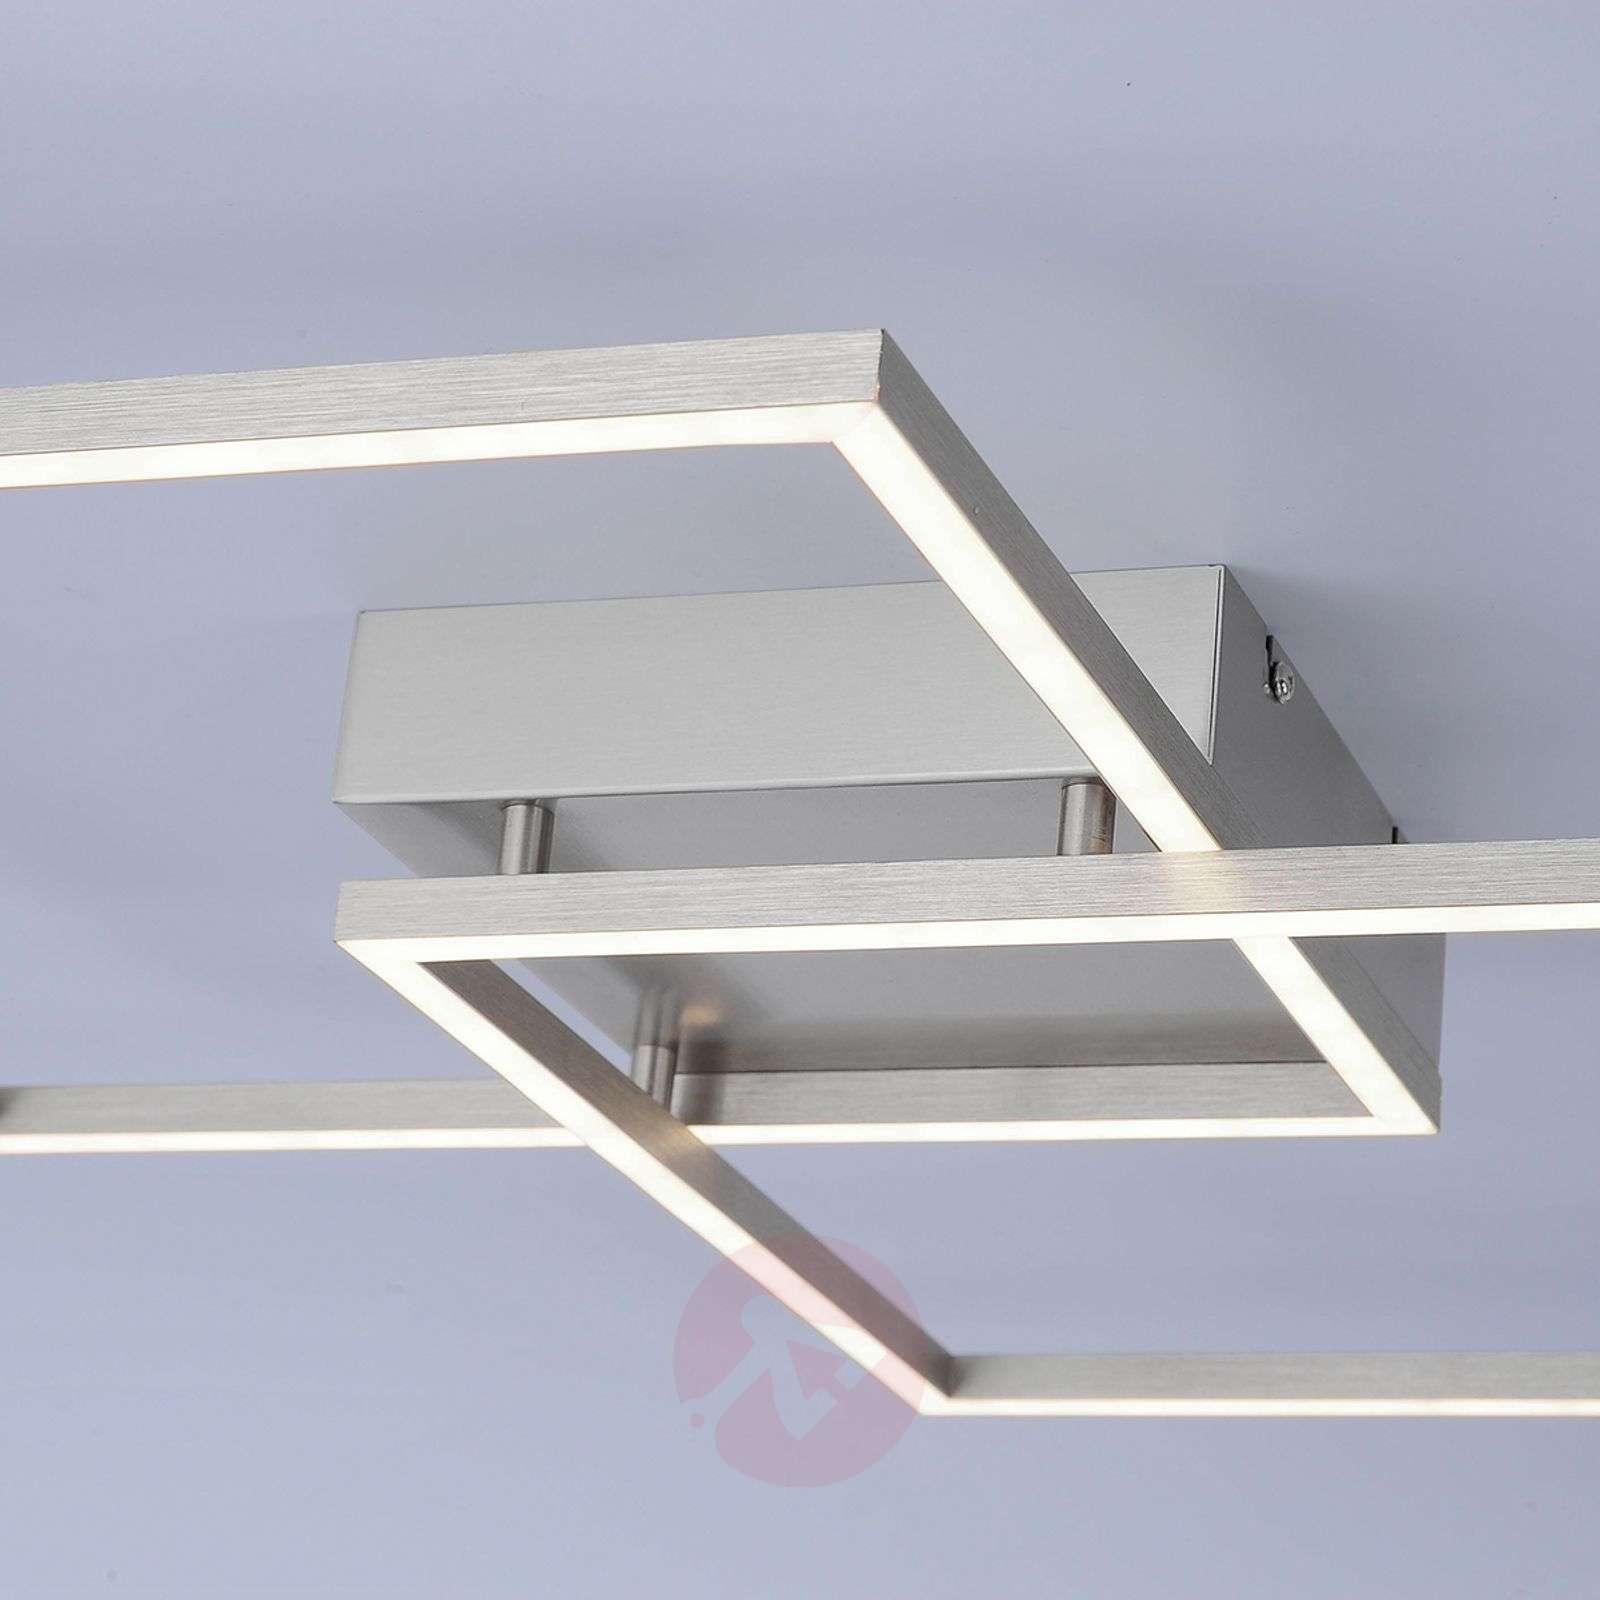 Paul Neuhaus Q-INIGO LED-kattovalaisin 2-lampp.-7610485X-01